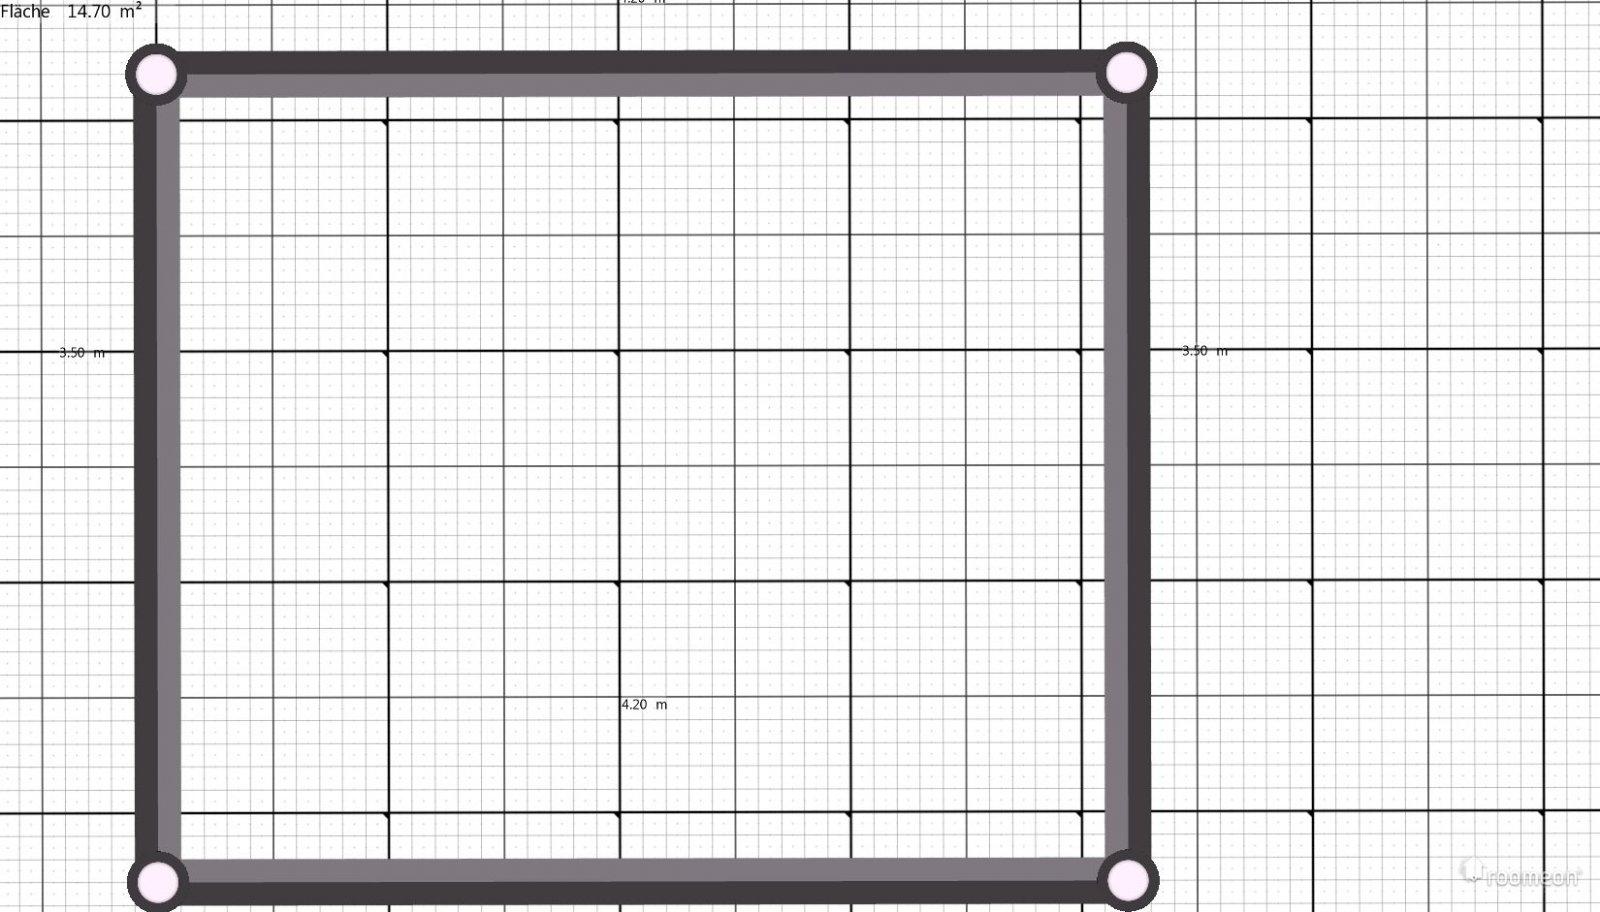 Ikea Standleuchte Wohnzimmer Planer U2013 Dumss